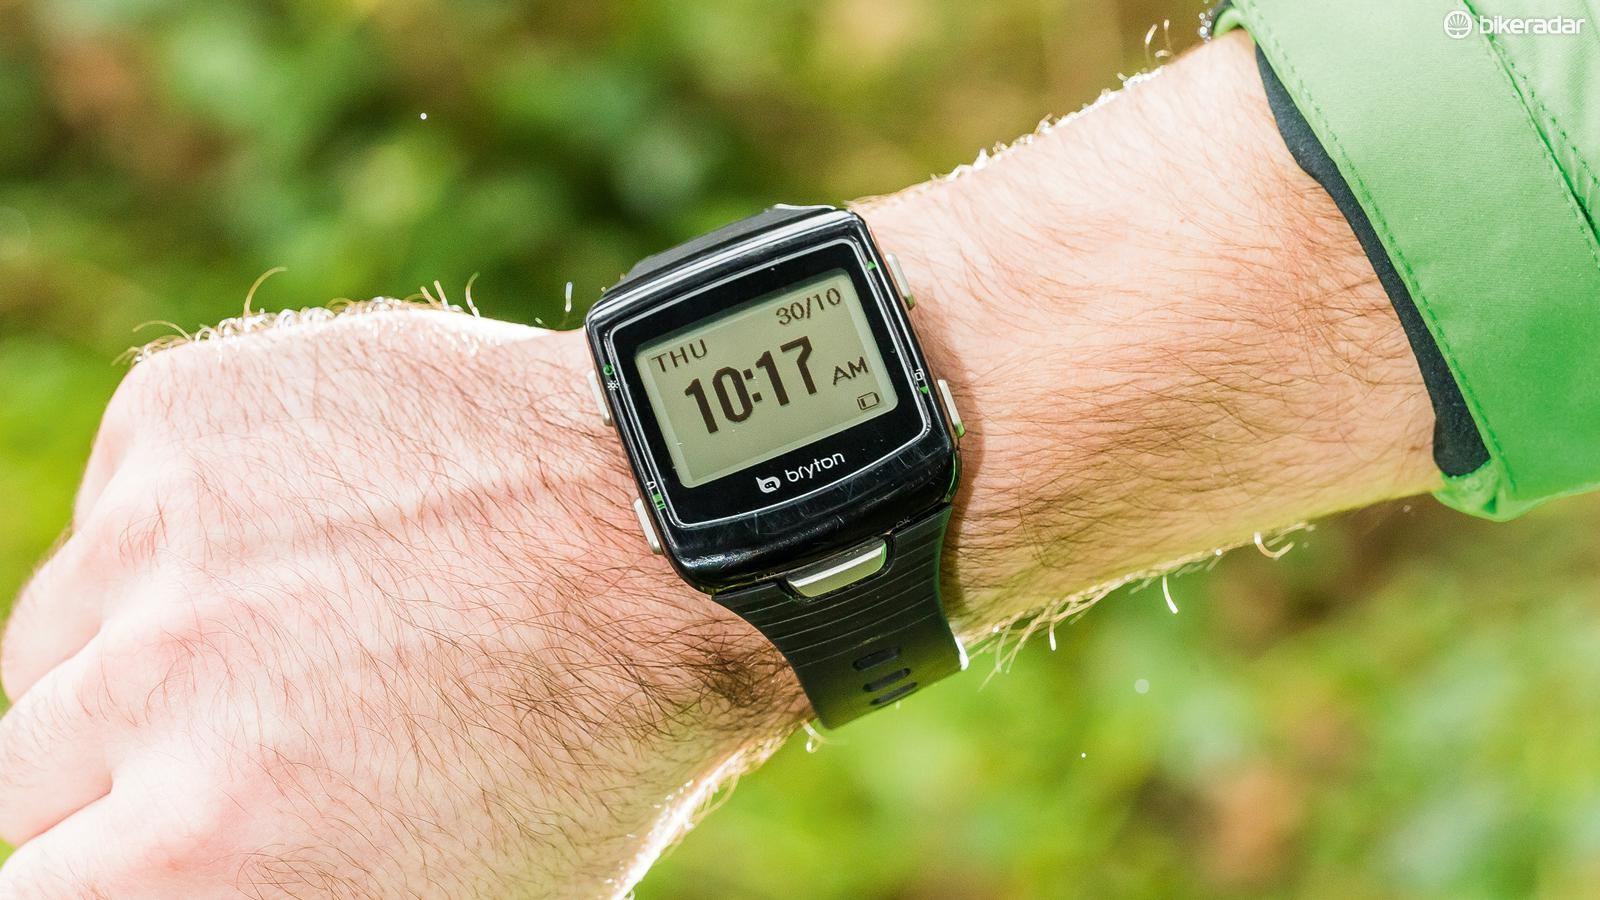 Bryton Cardio 60R GPS watch